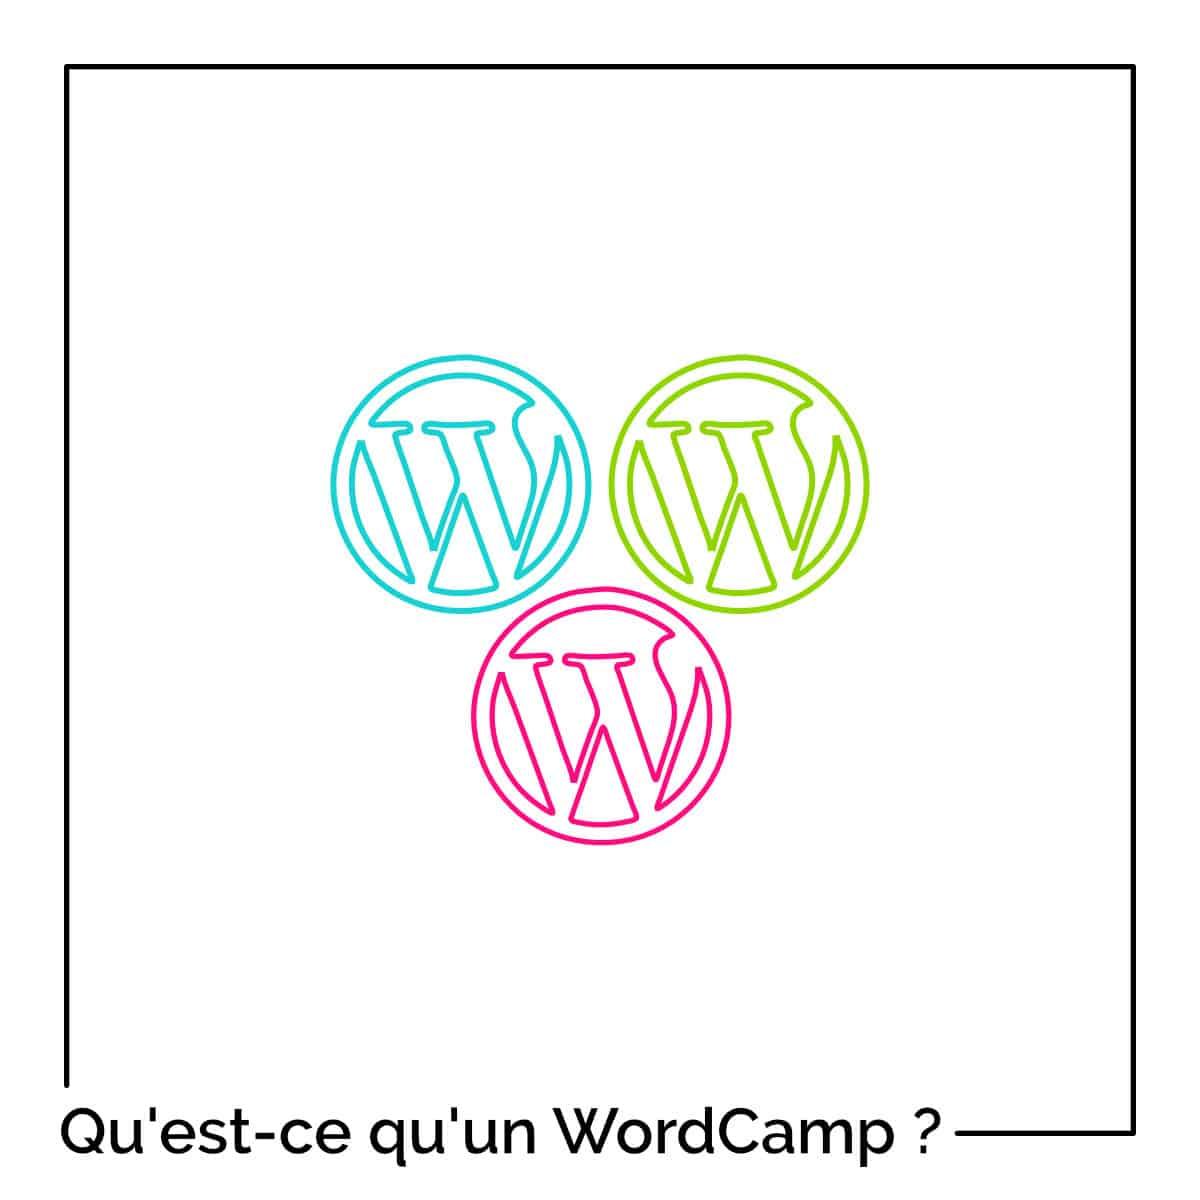 Qu'est-ce qu'un WordCamp ? Et pourquoi vous devriez participer au prochain ?